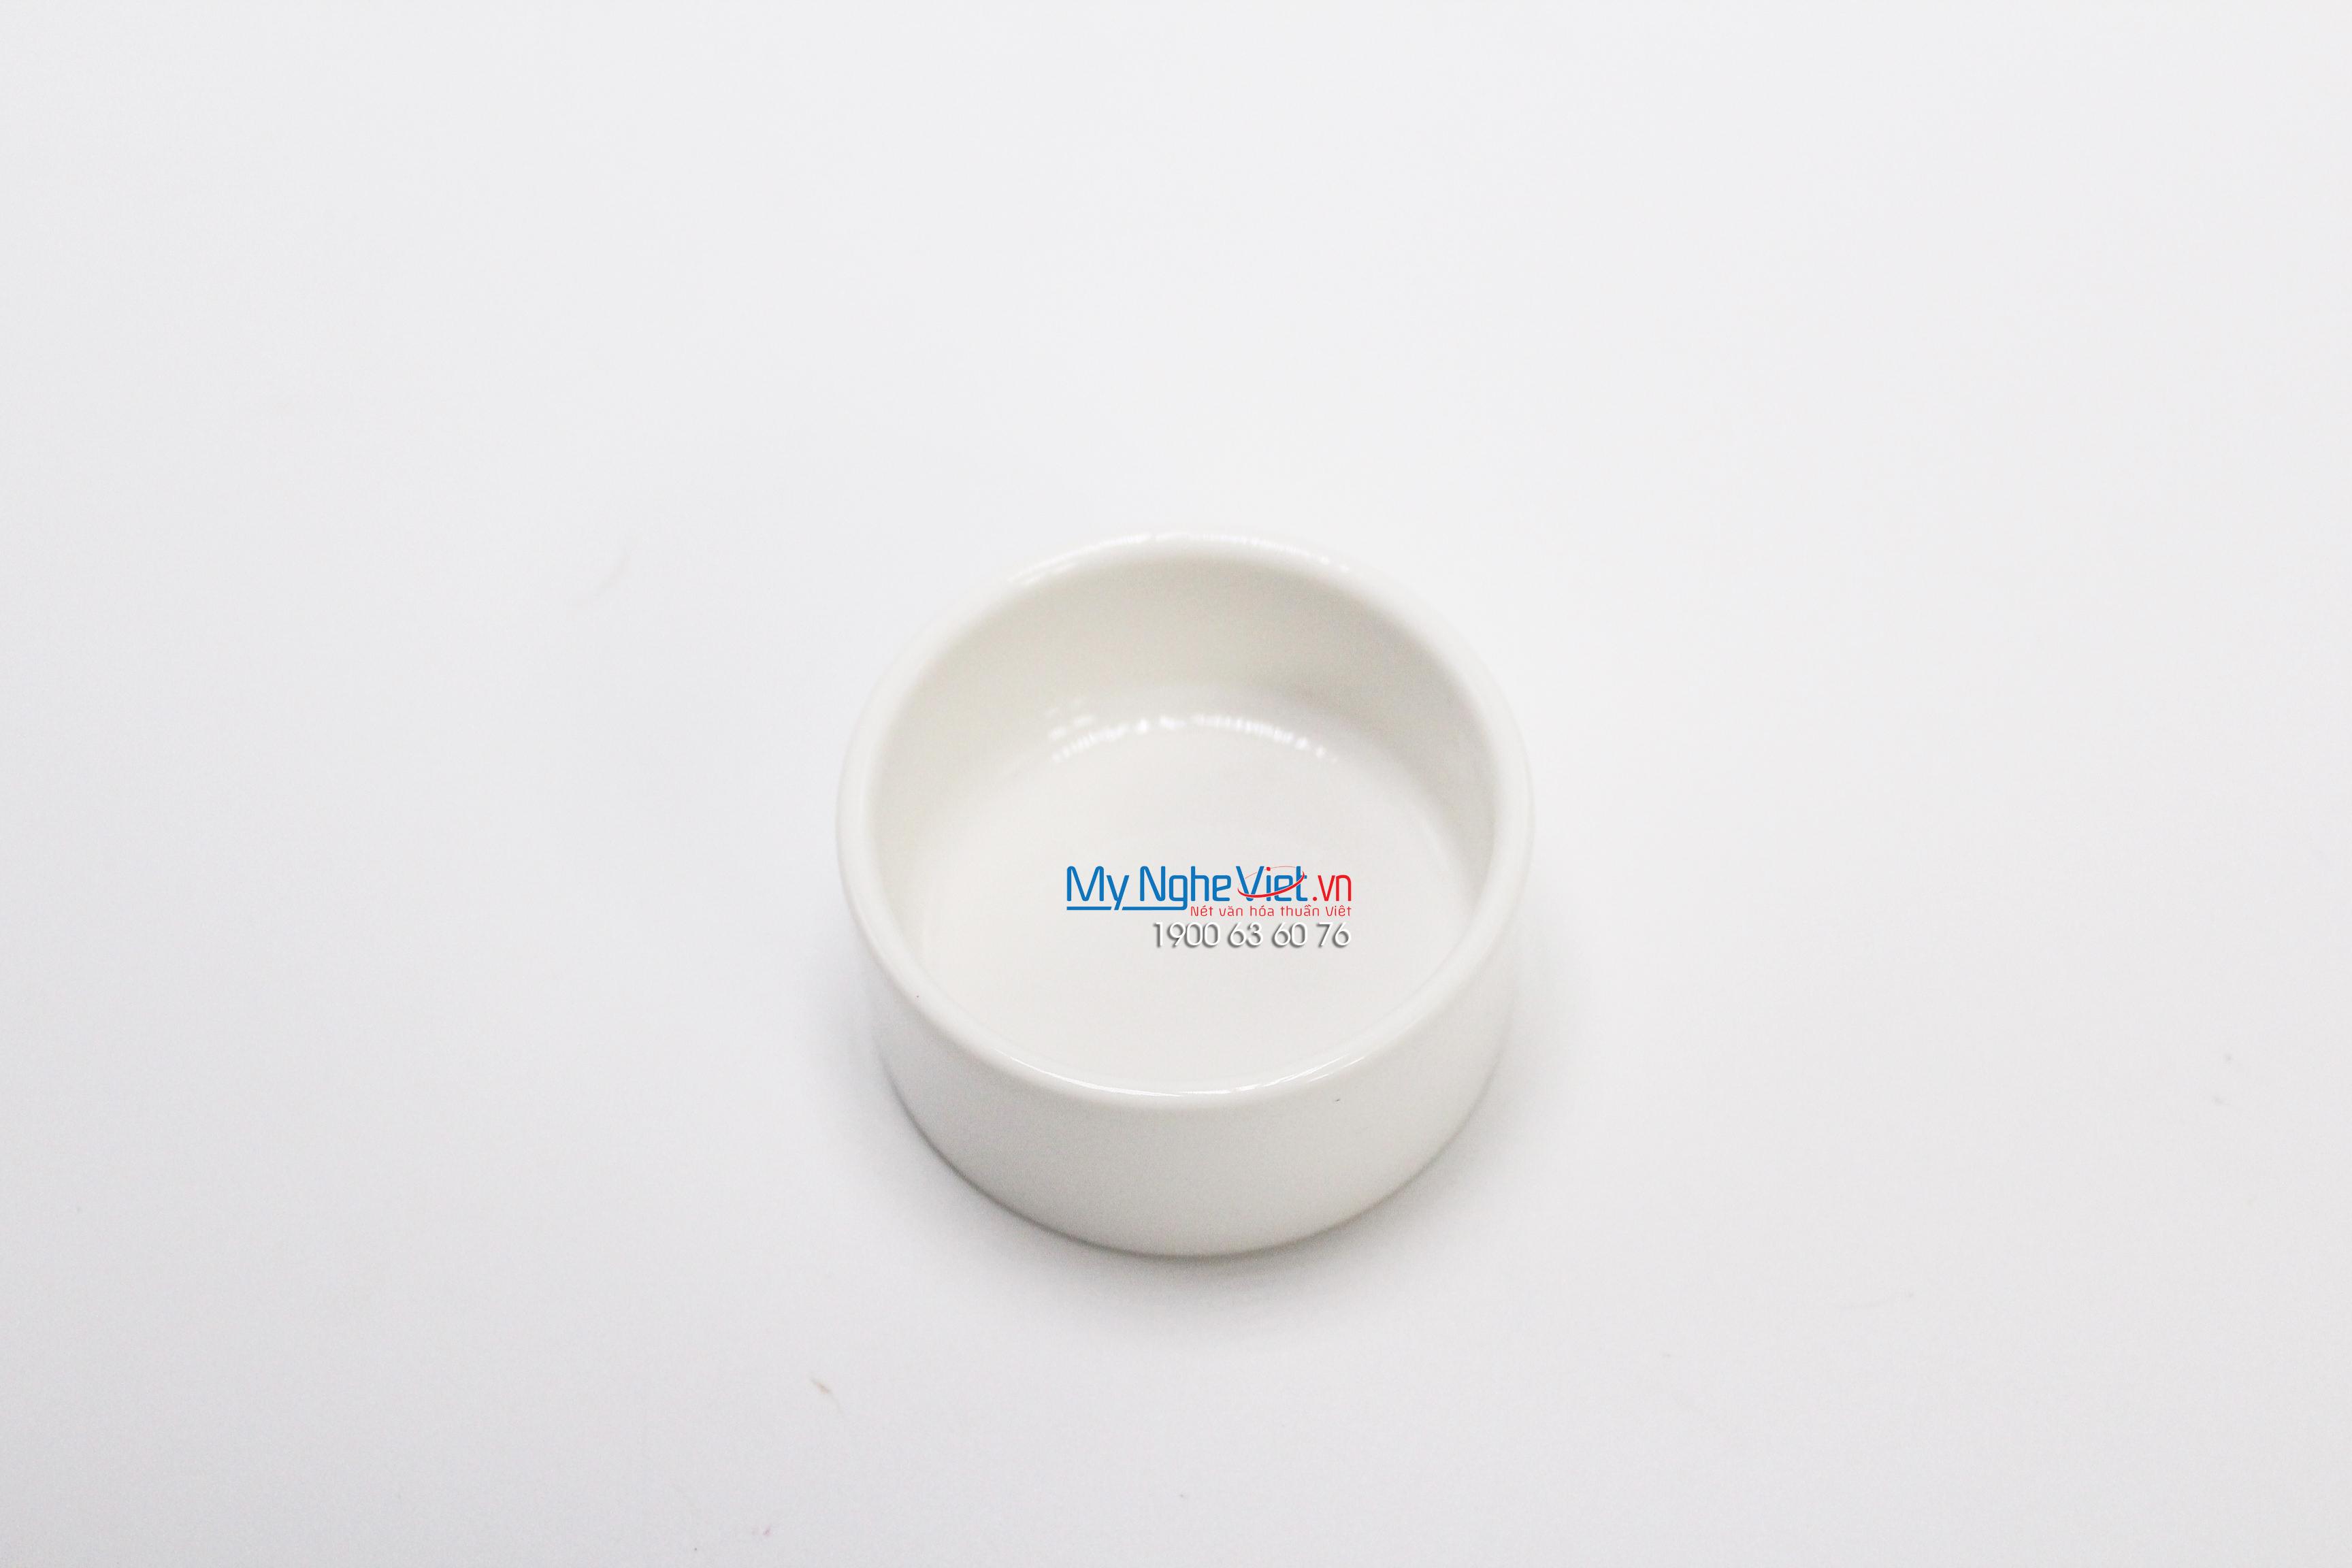 Chum cao 5.5 cm trắng ngà - MNV - 020598000